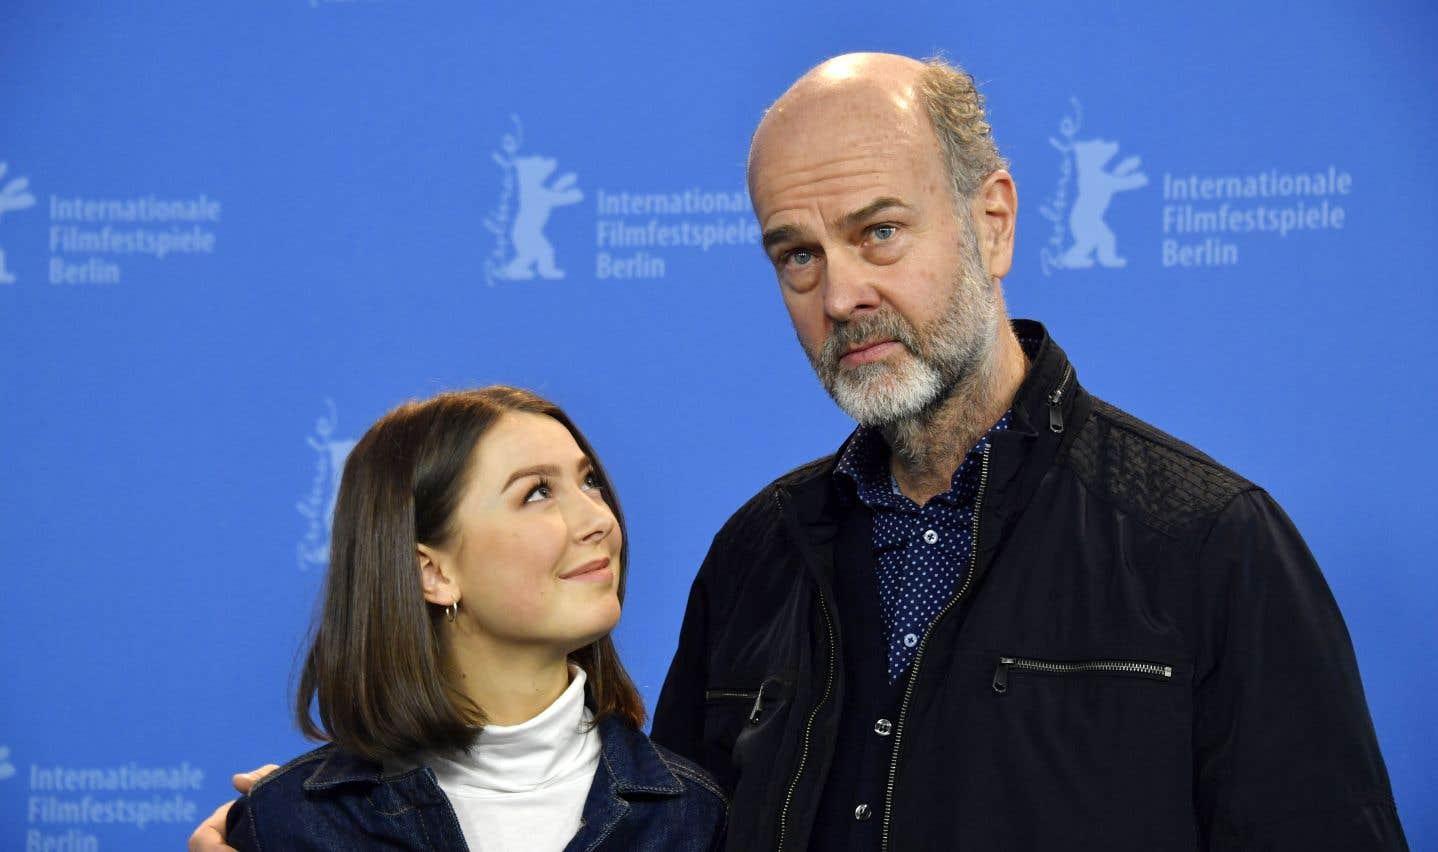 C'est en consultant les survivants et les proches de victimes qu'Erik Poppe s'est mis à faire un récit «entièrement du côté des jeunes». Un élément qui a notamment convaincu la jeune actrice Andrea Berntzen de se lancer dans le projet.